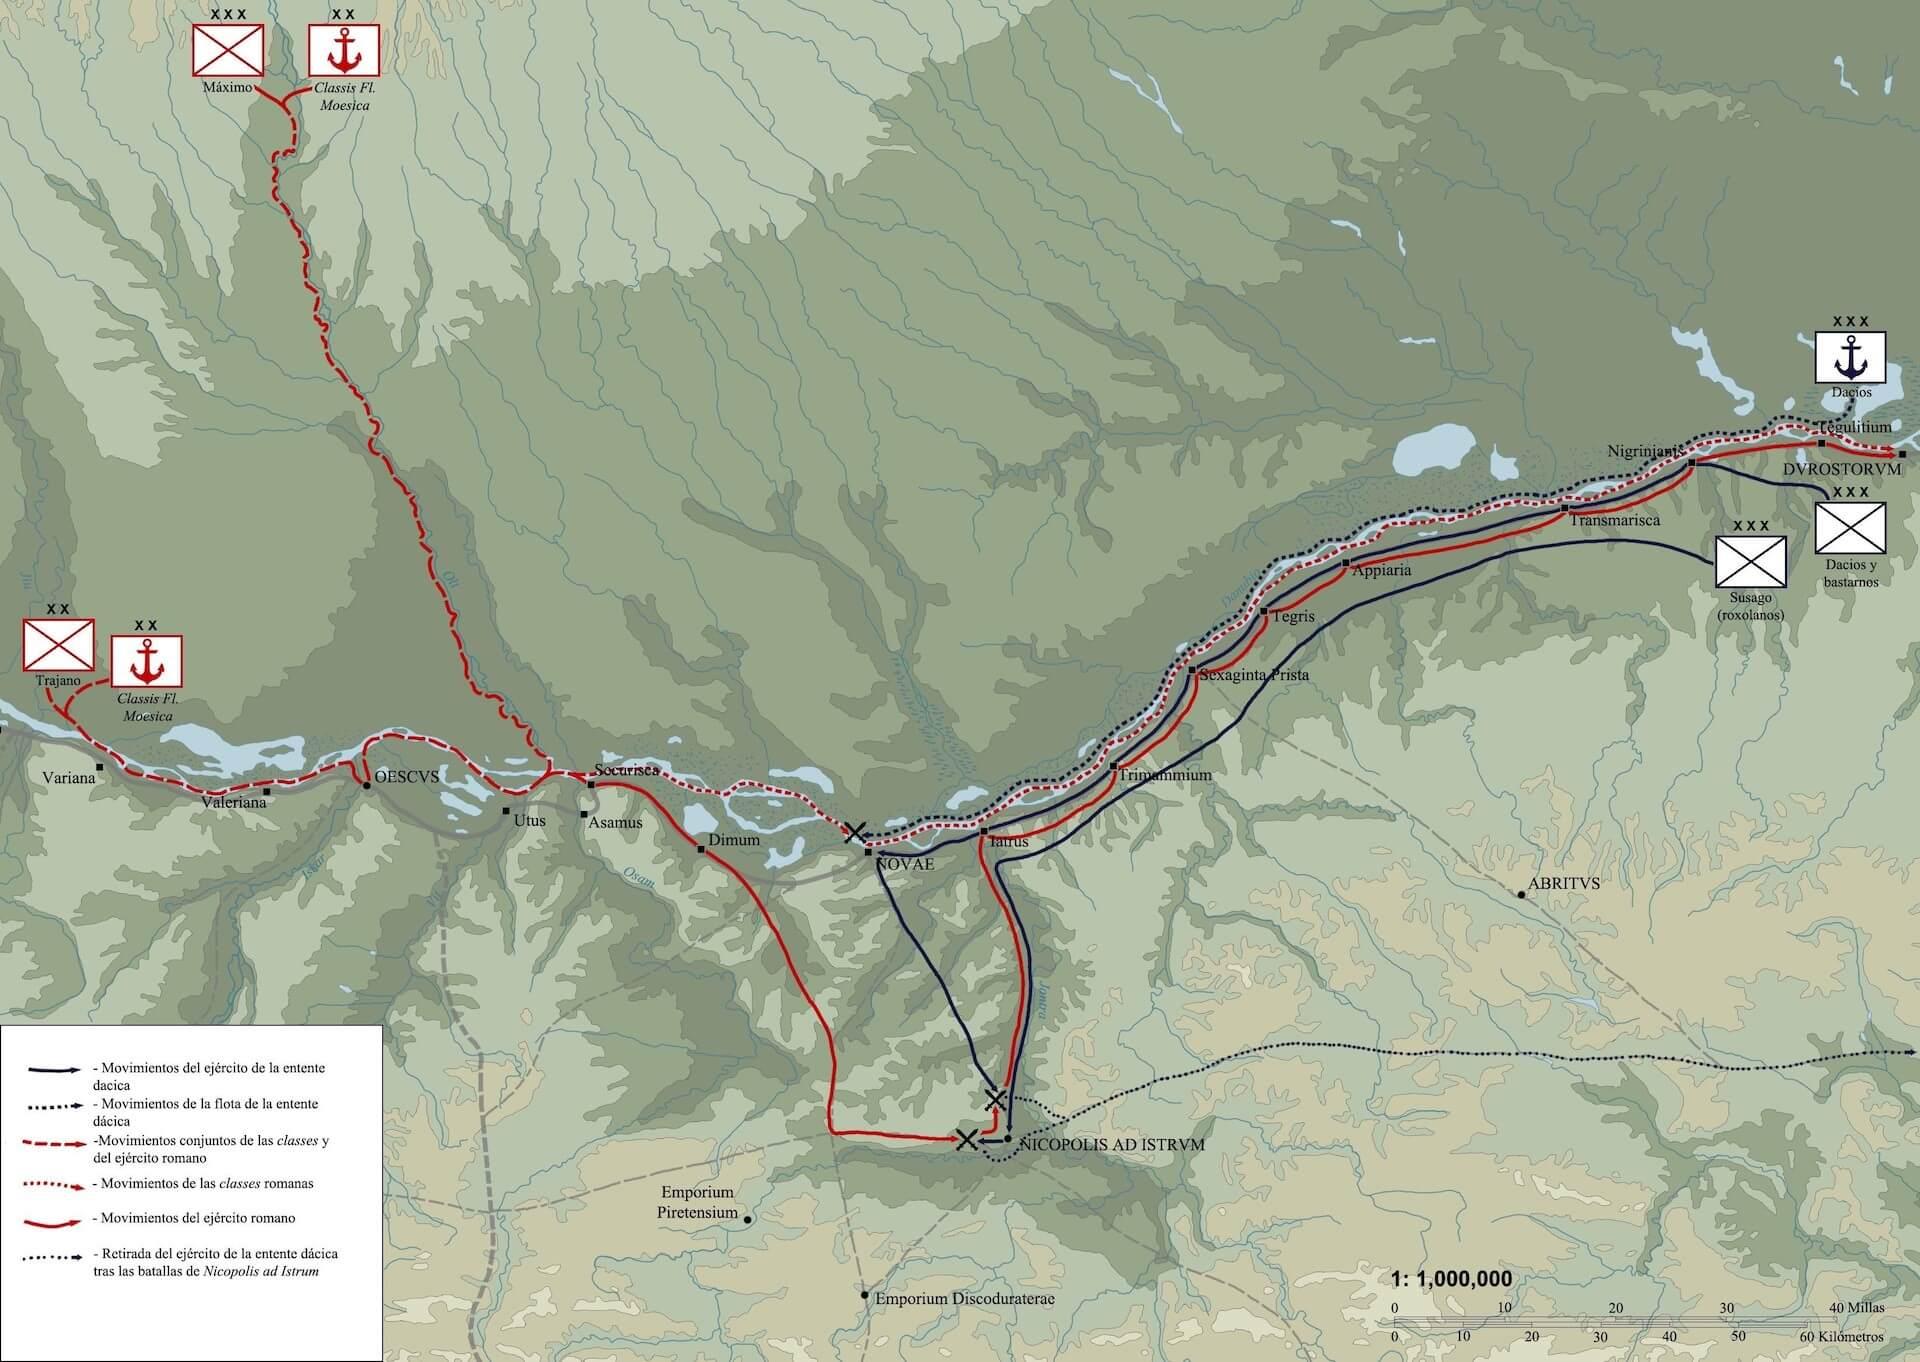 Mapa del contraataque romano en Mesia Inferior en 101 d.C.